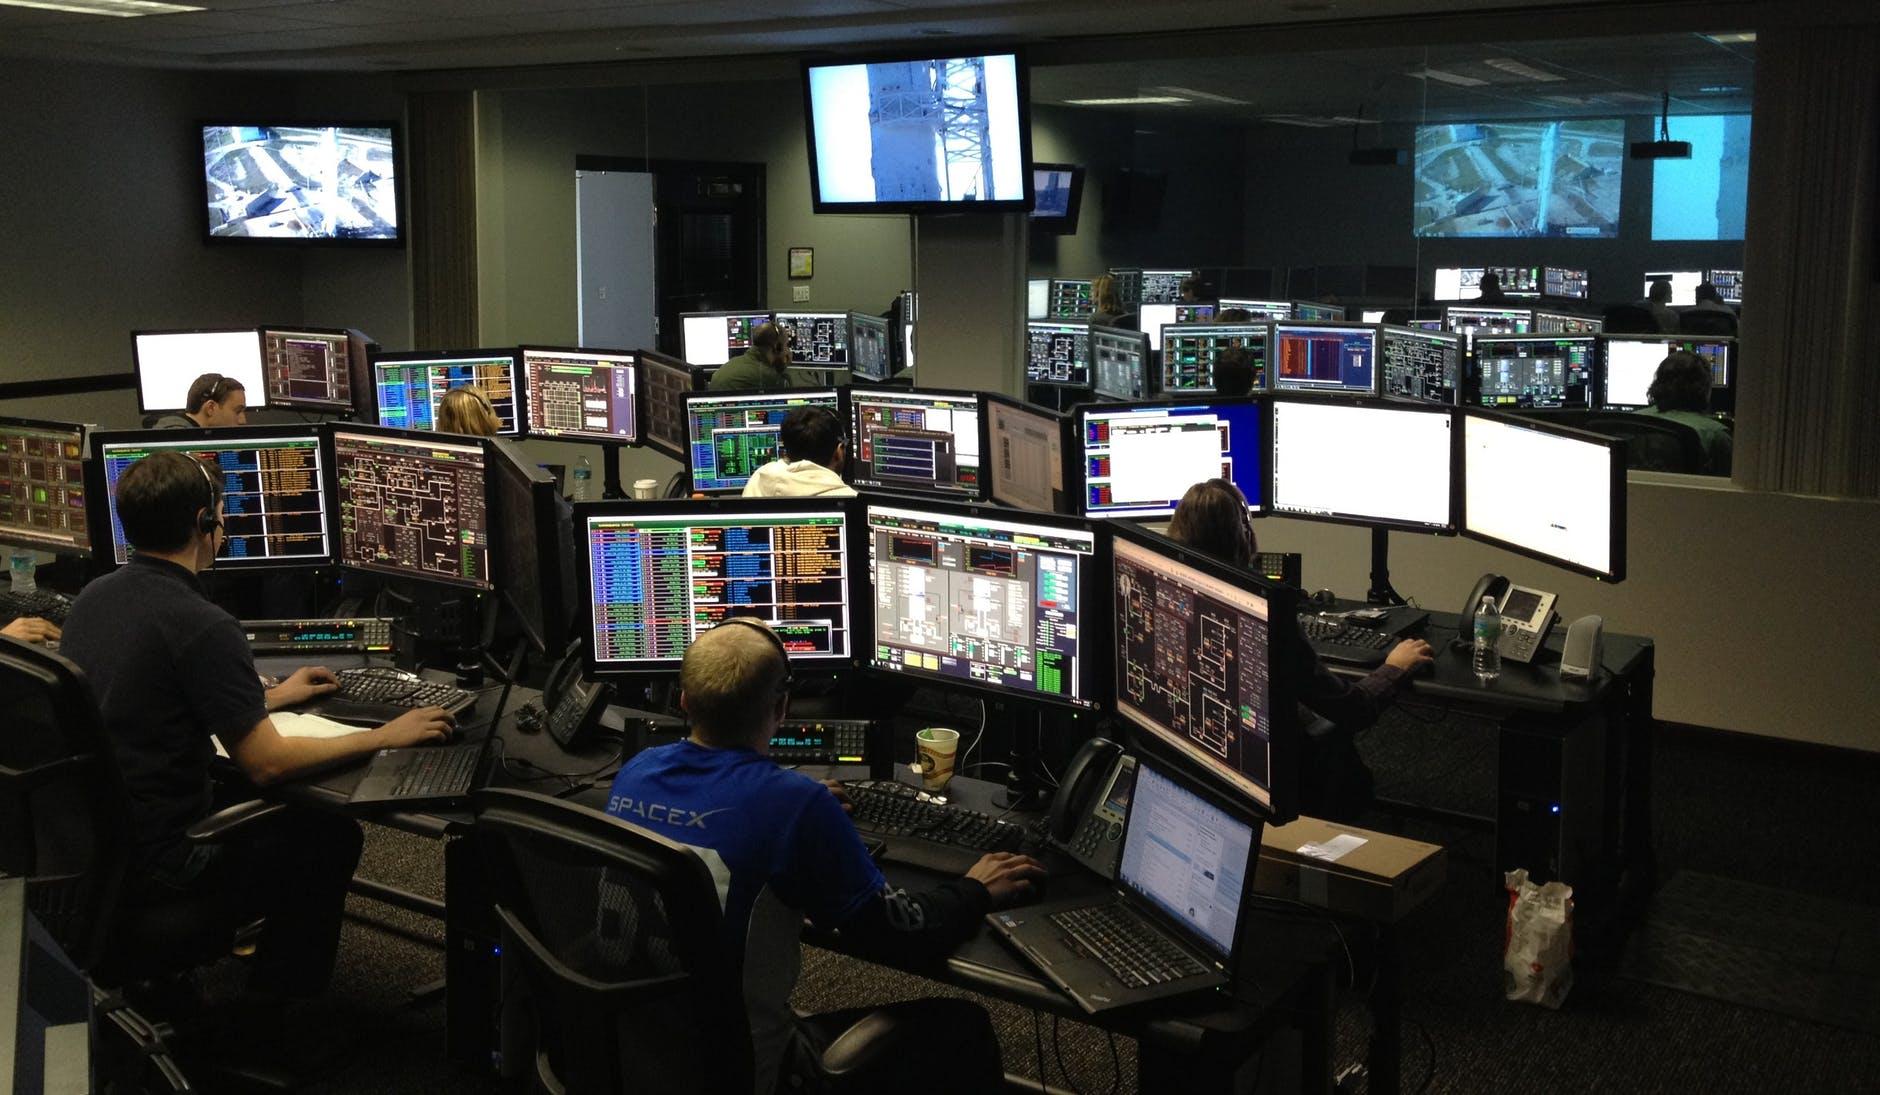 【黃士修觀點】以色列「在臺灣測試過的監控科技」 數位政委唐鳳是否知情?